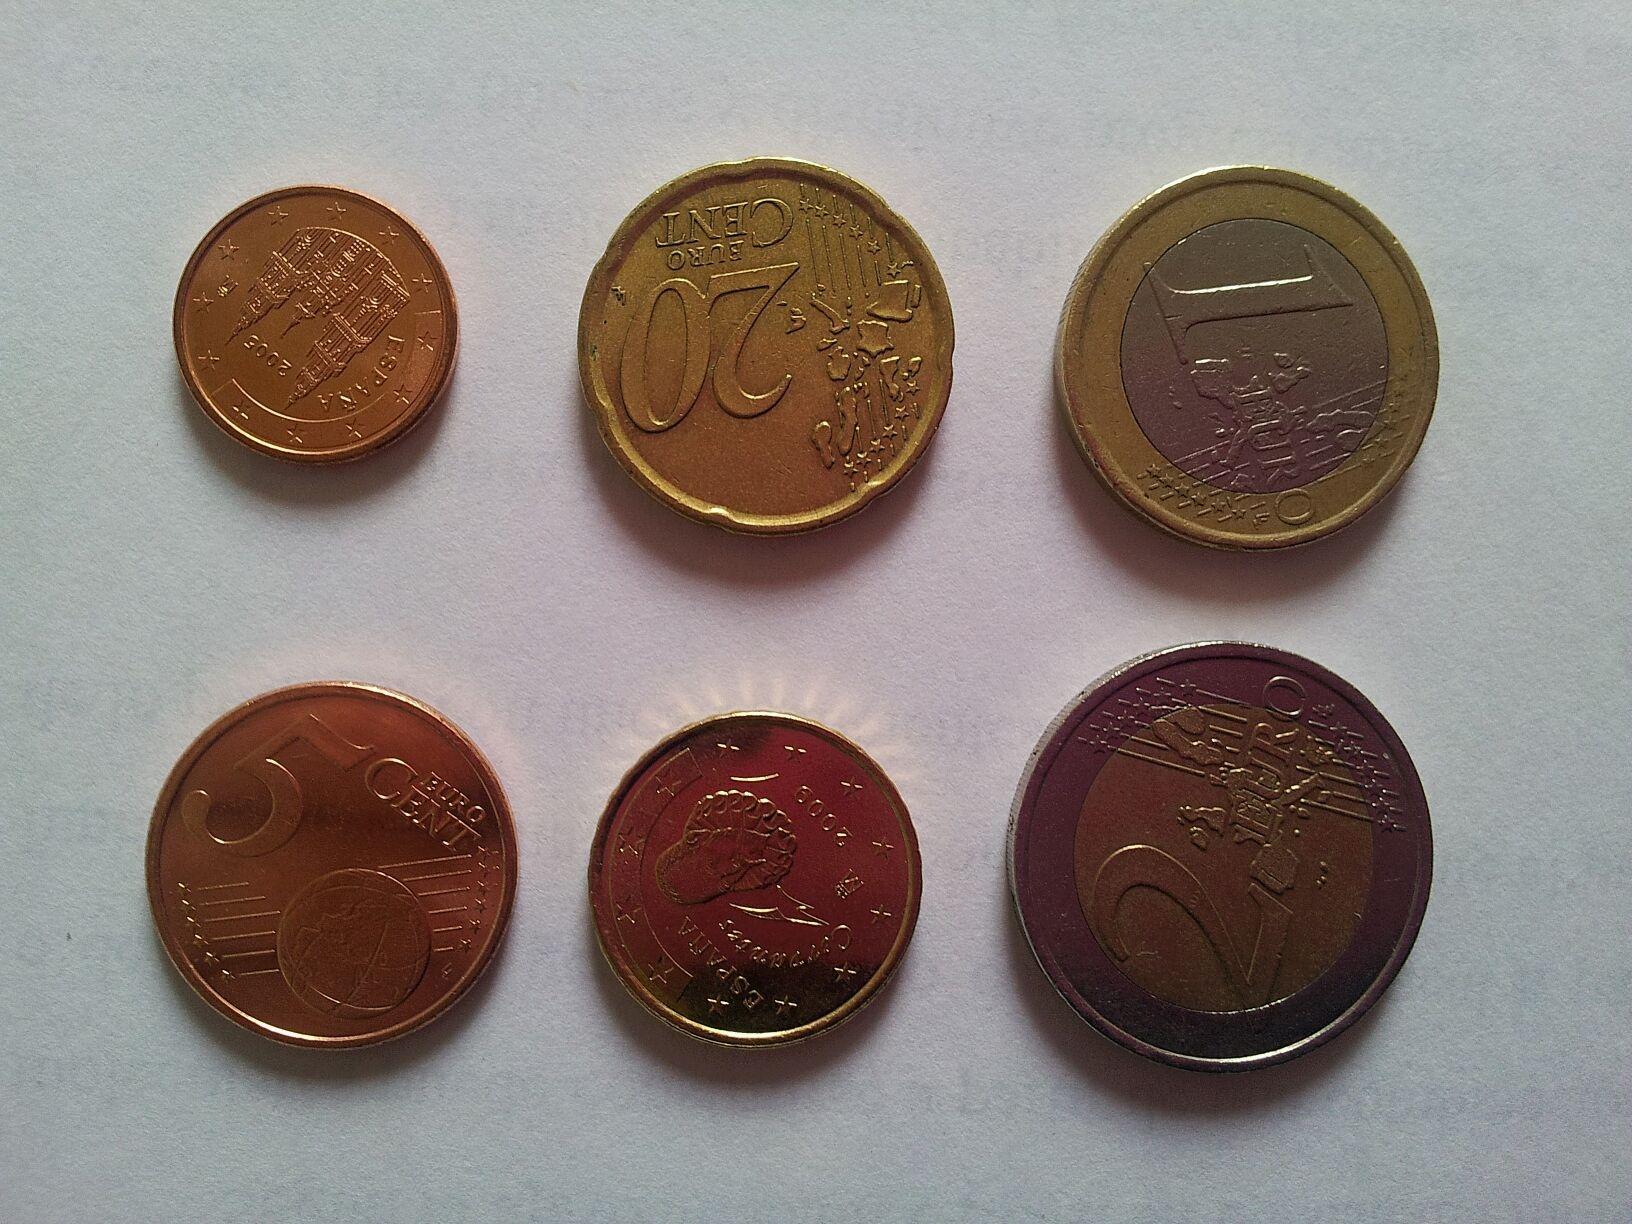 Composición de las monedas de euro